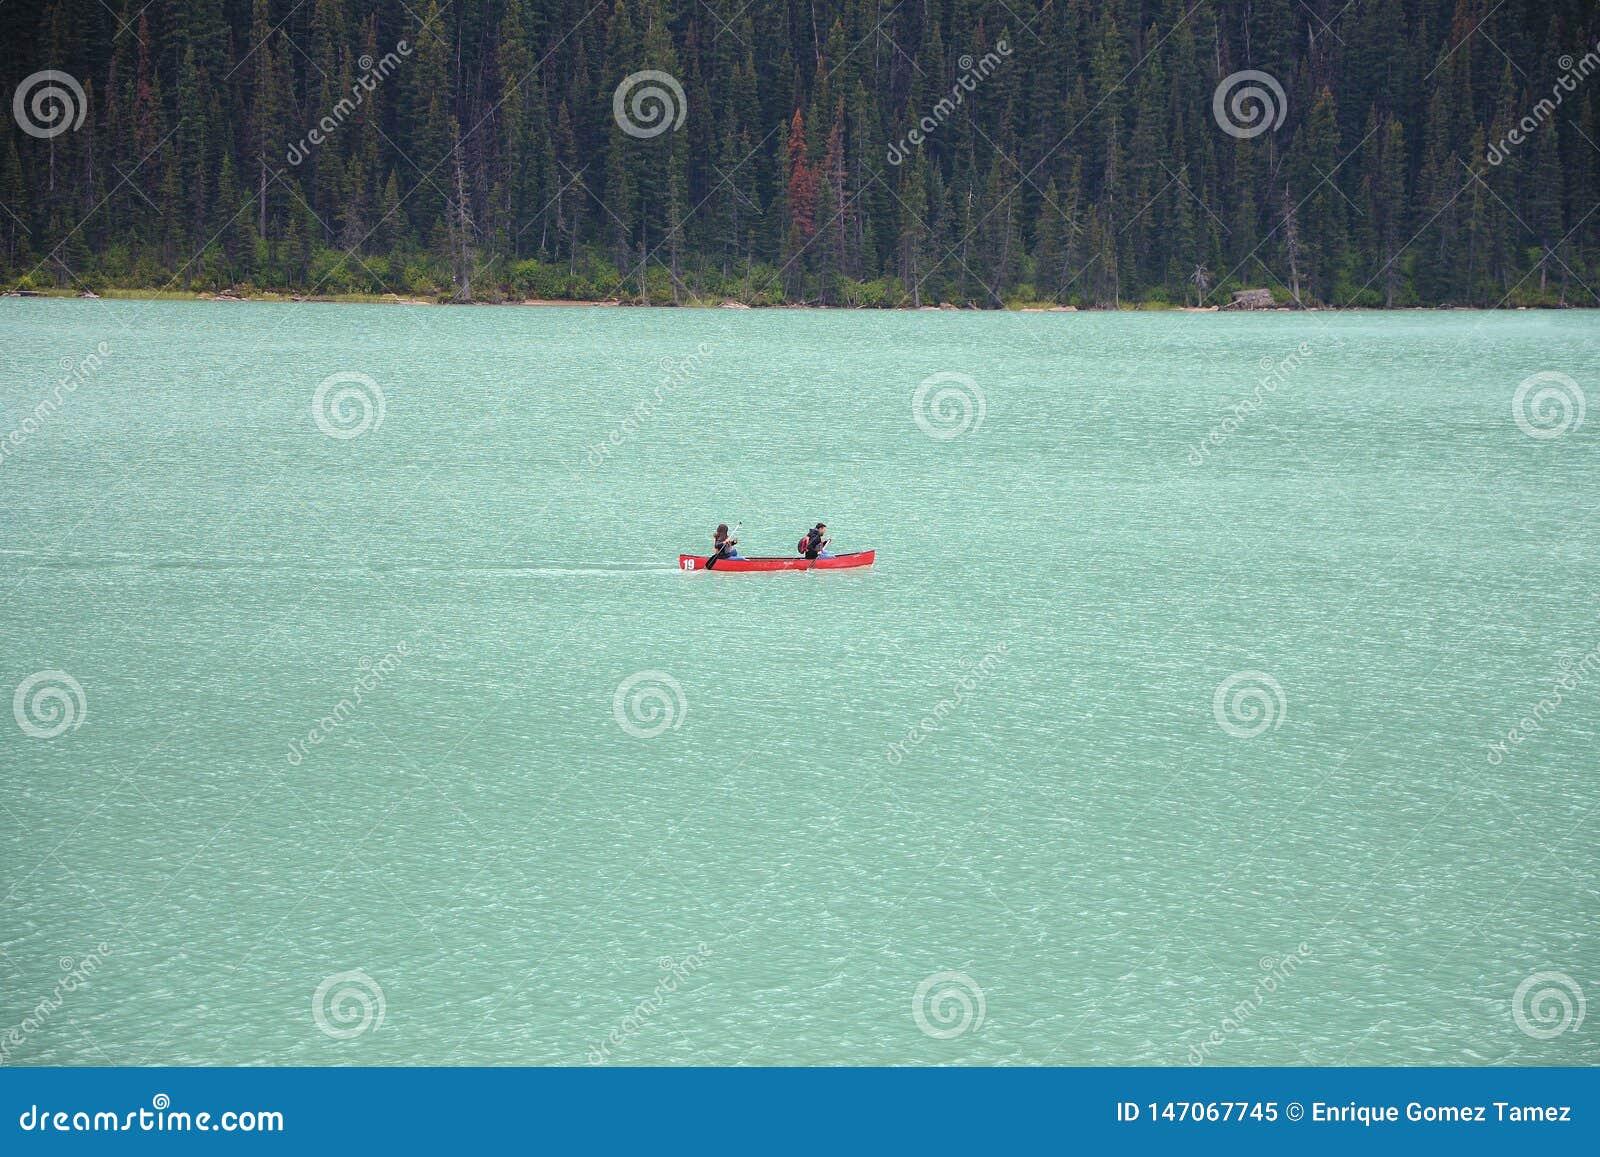 Kayak at Lake Louise